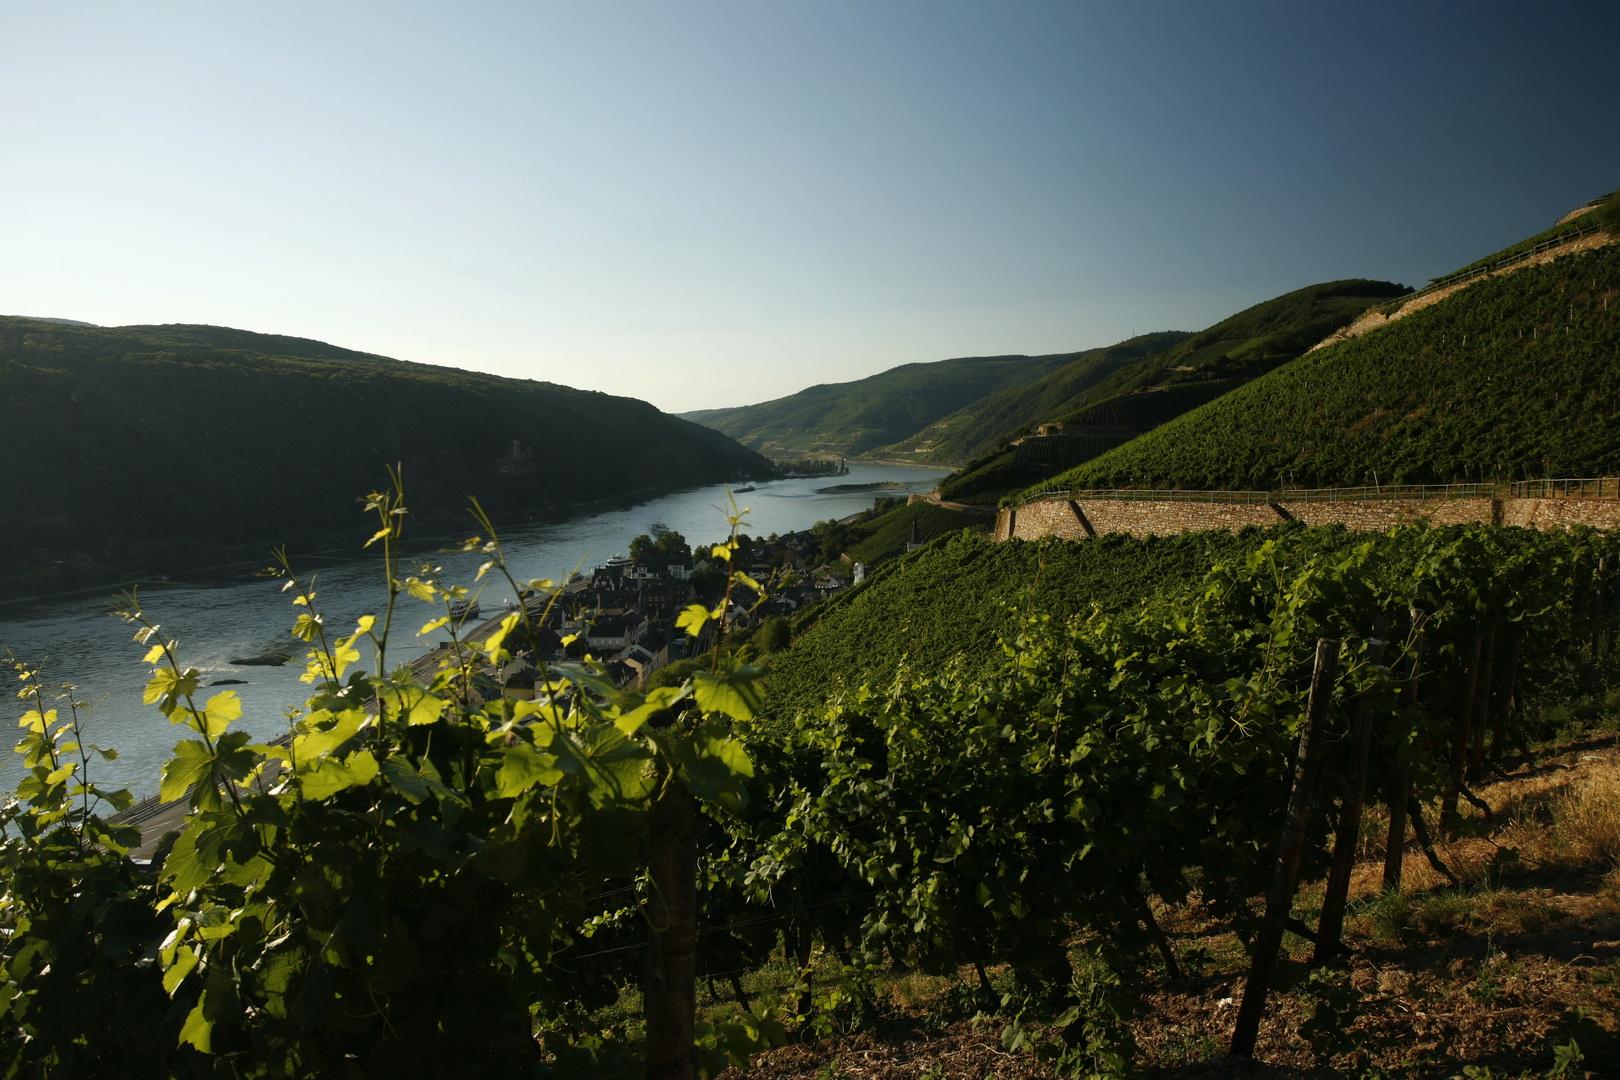 Rheingau_Oberes_Mittelrheintal_Rheingau